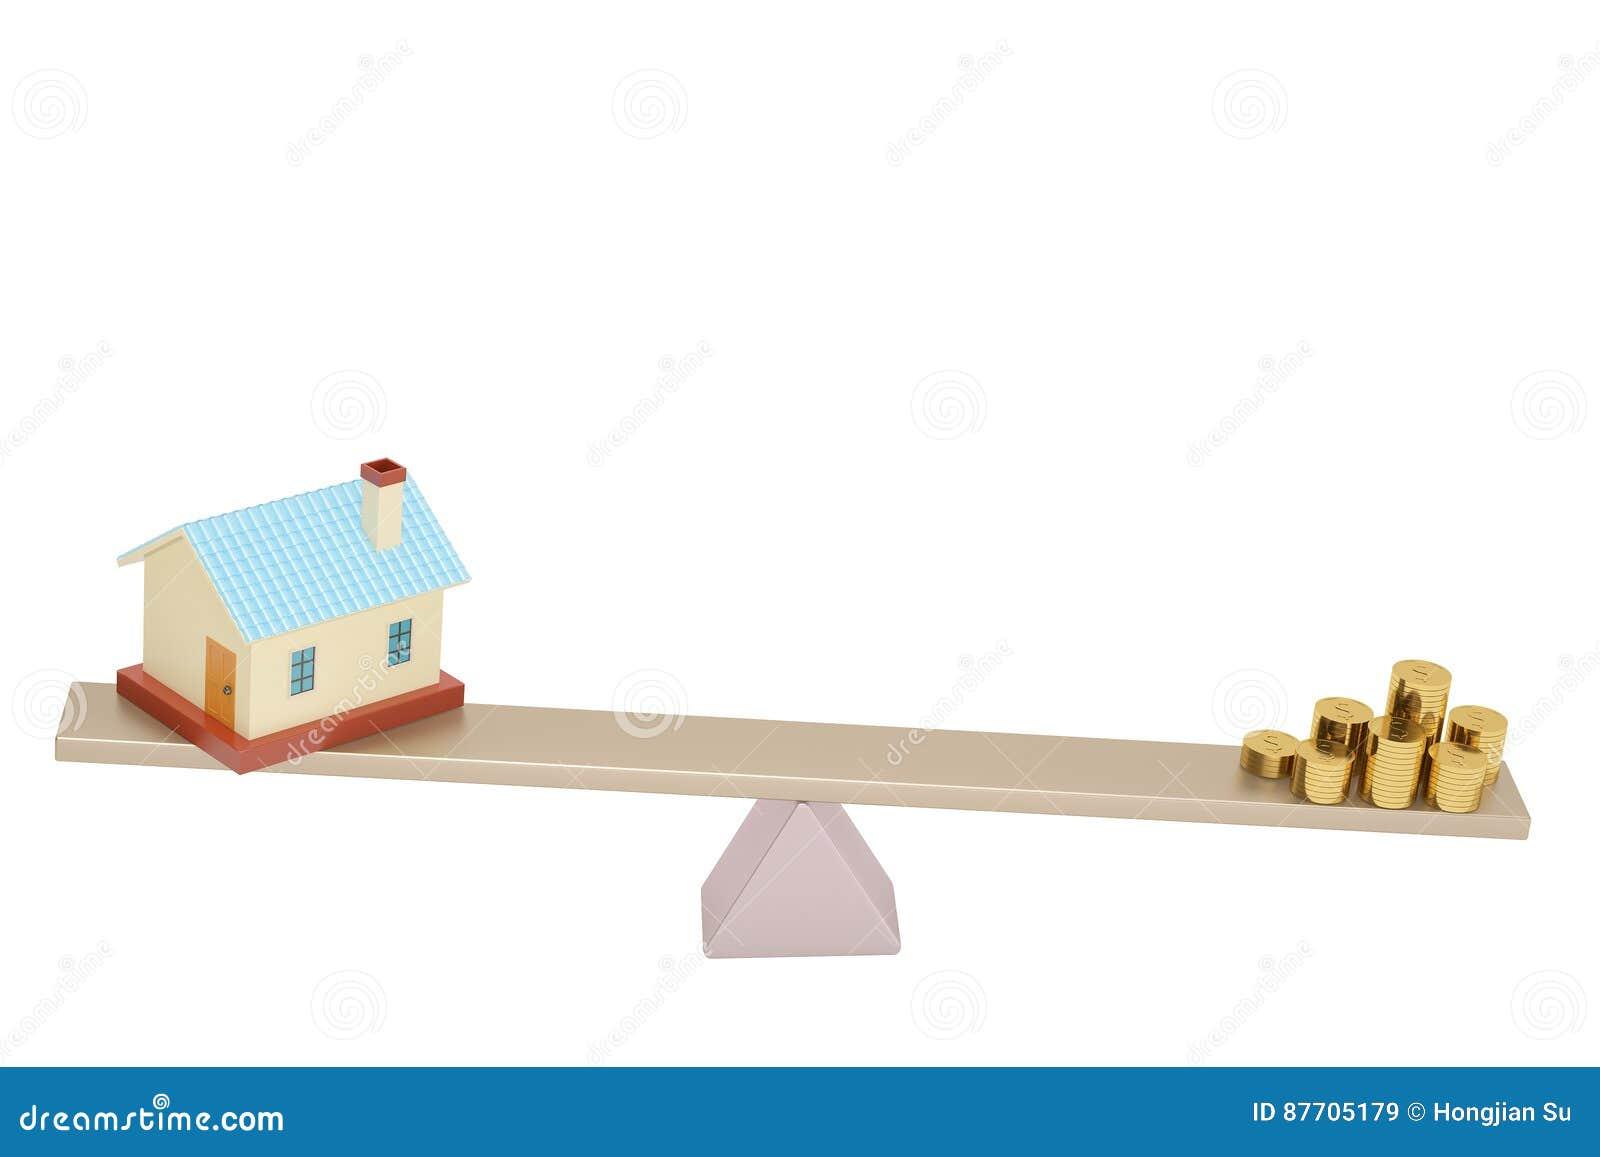 Chambre et pièces d or sur la bascule, illustration 3D